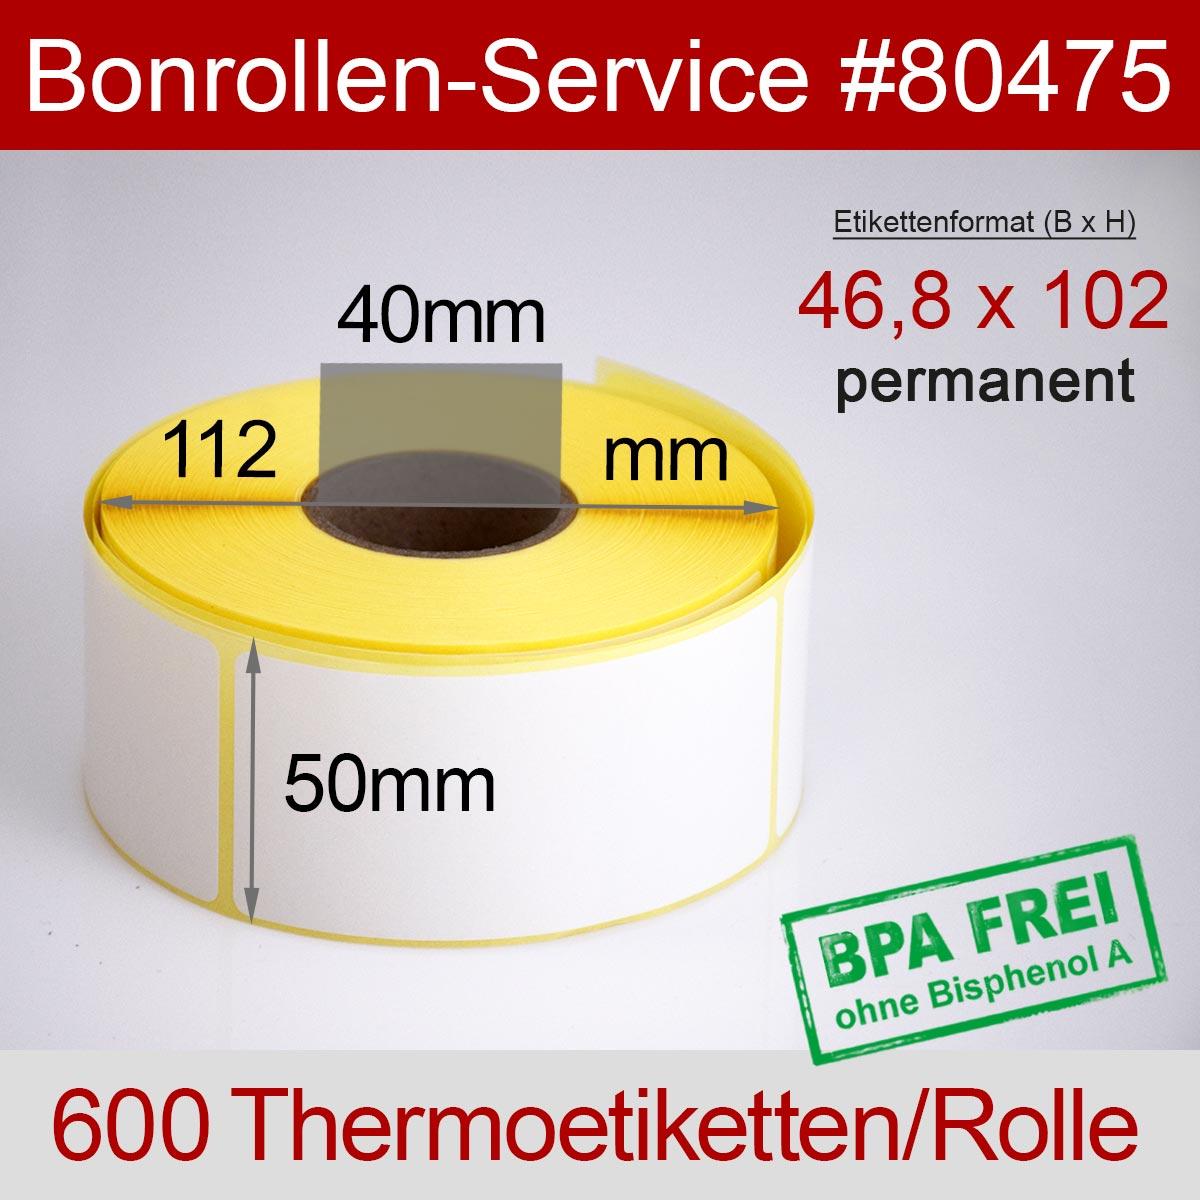 Thermo-Etikettenrollen BPA-frei 46,8mm x 102mm für Avery Berkel, permanent - Detailansicht